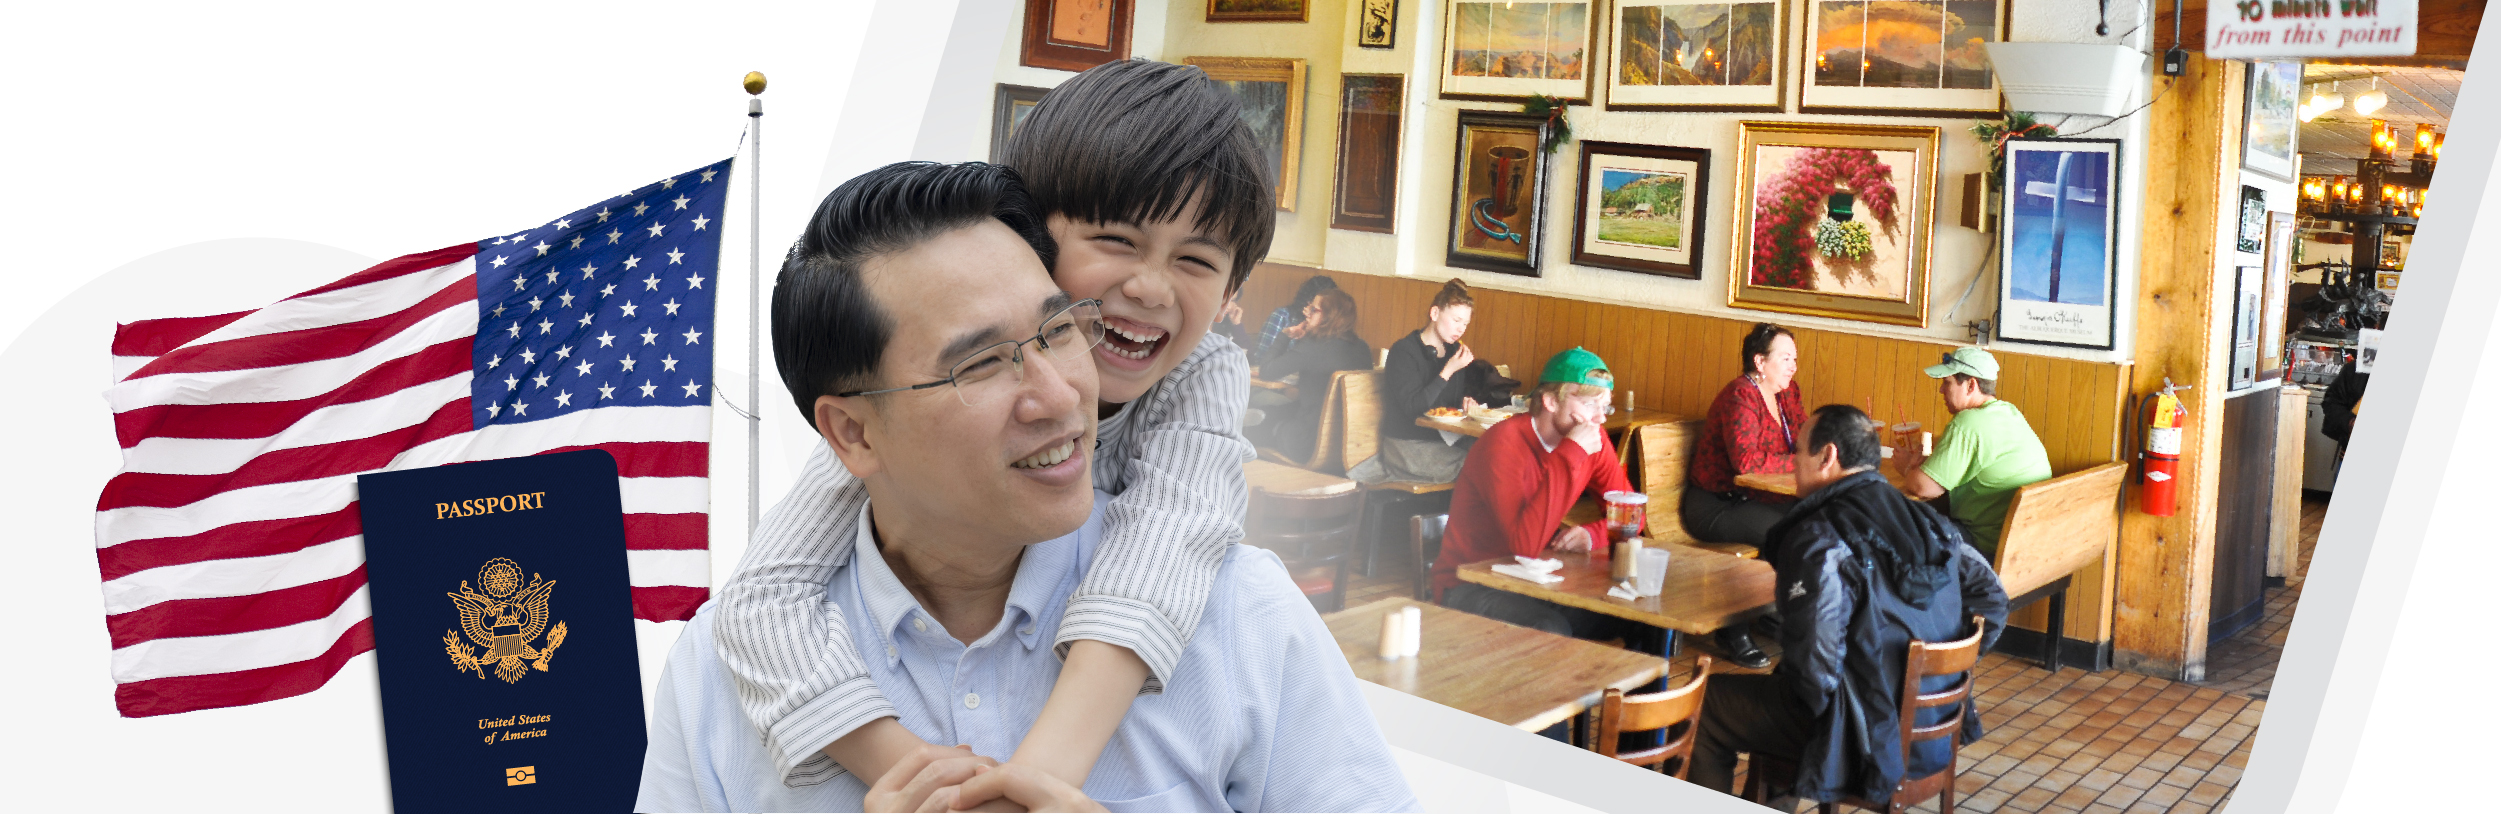 Đầu tư 14,1 tỷ đồng sở hữu doanh nghiệp, nhà hàng với thu nhập ổn định Cơ hội lấy thẻ xanh Mỹ cho cả gia đình